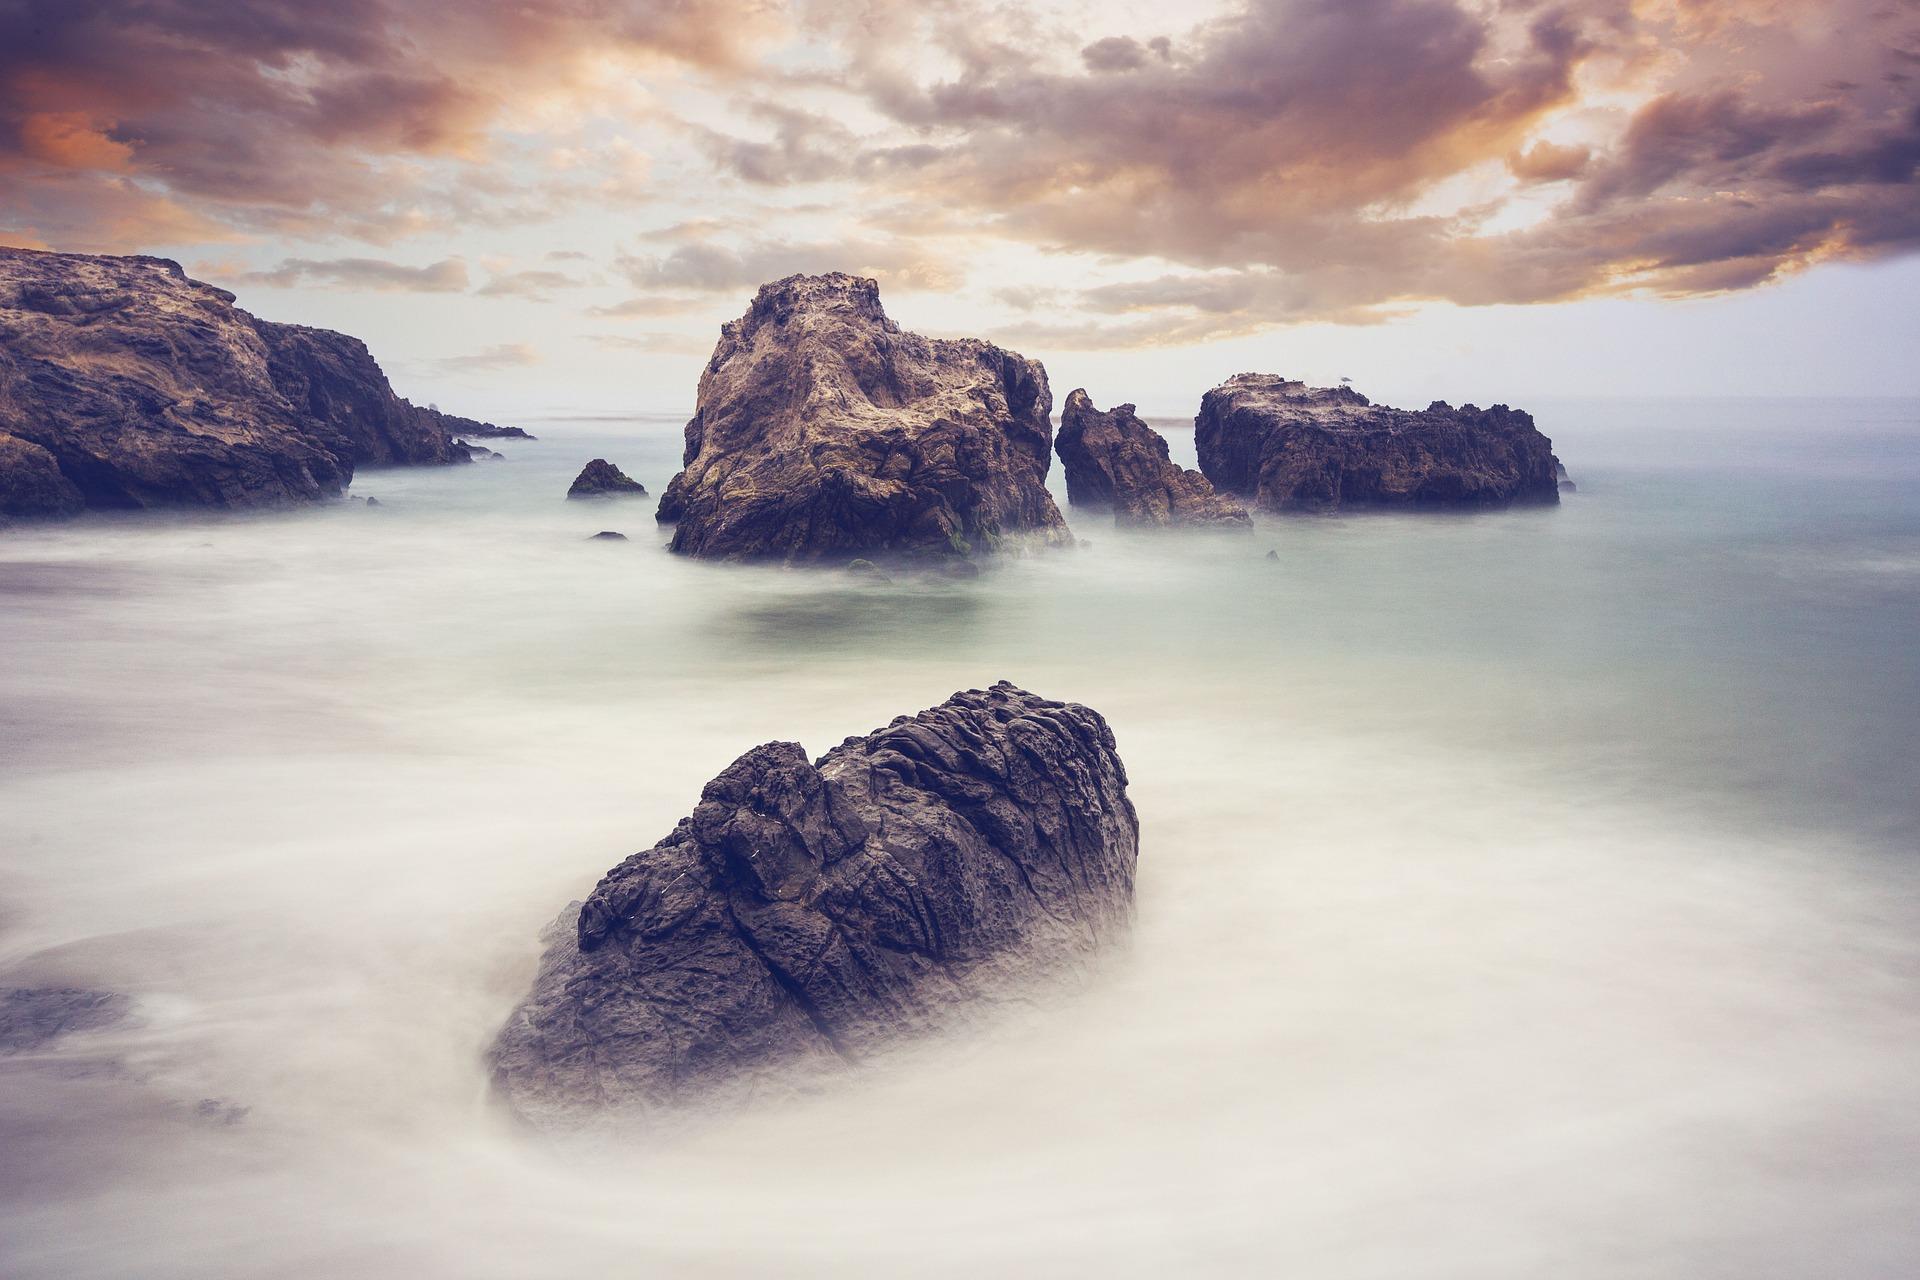 Rocas, Nebel, Ozean, Ruhe, Wolken - Wallpaper HD - Prof.-falken.com